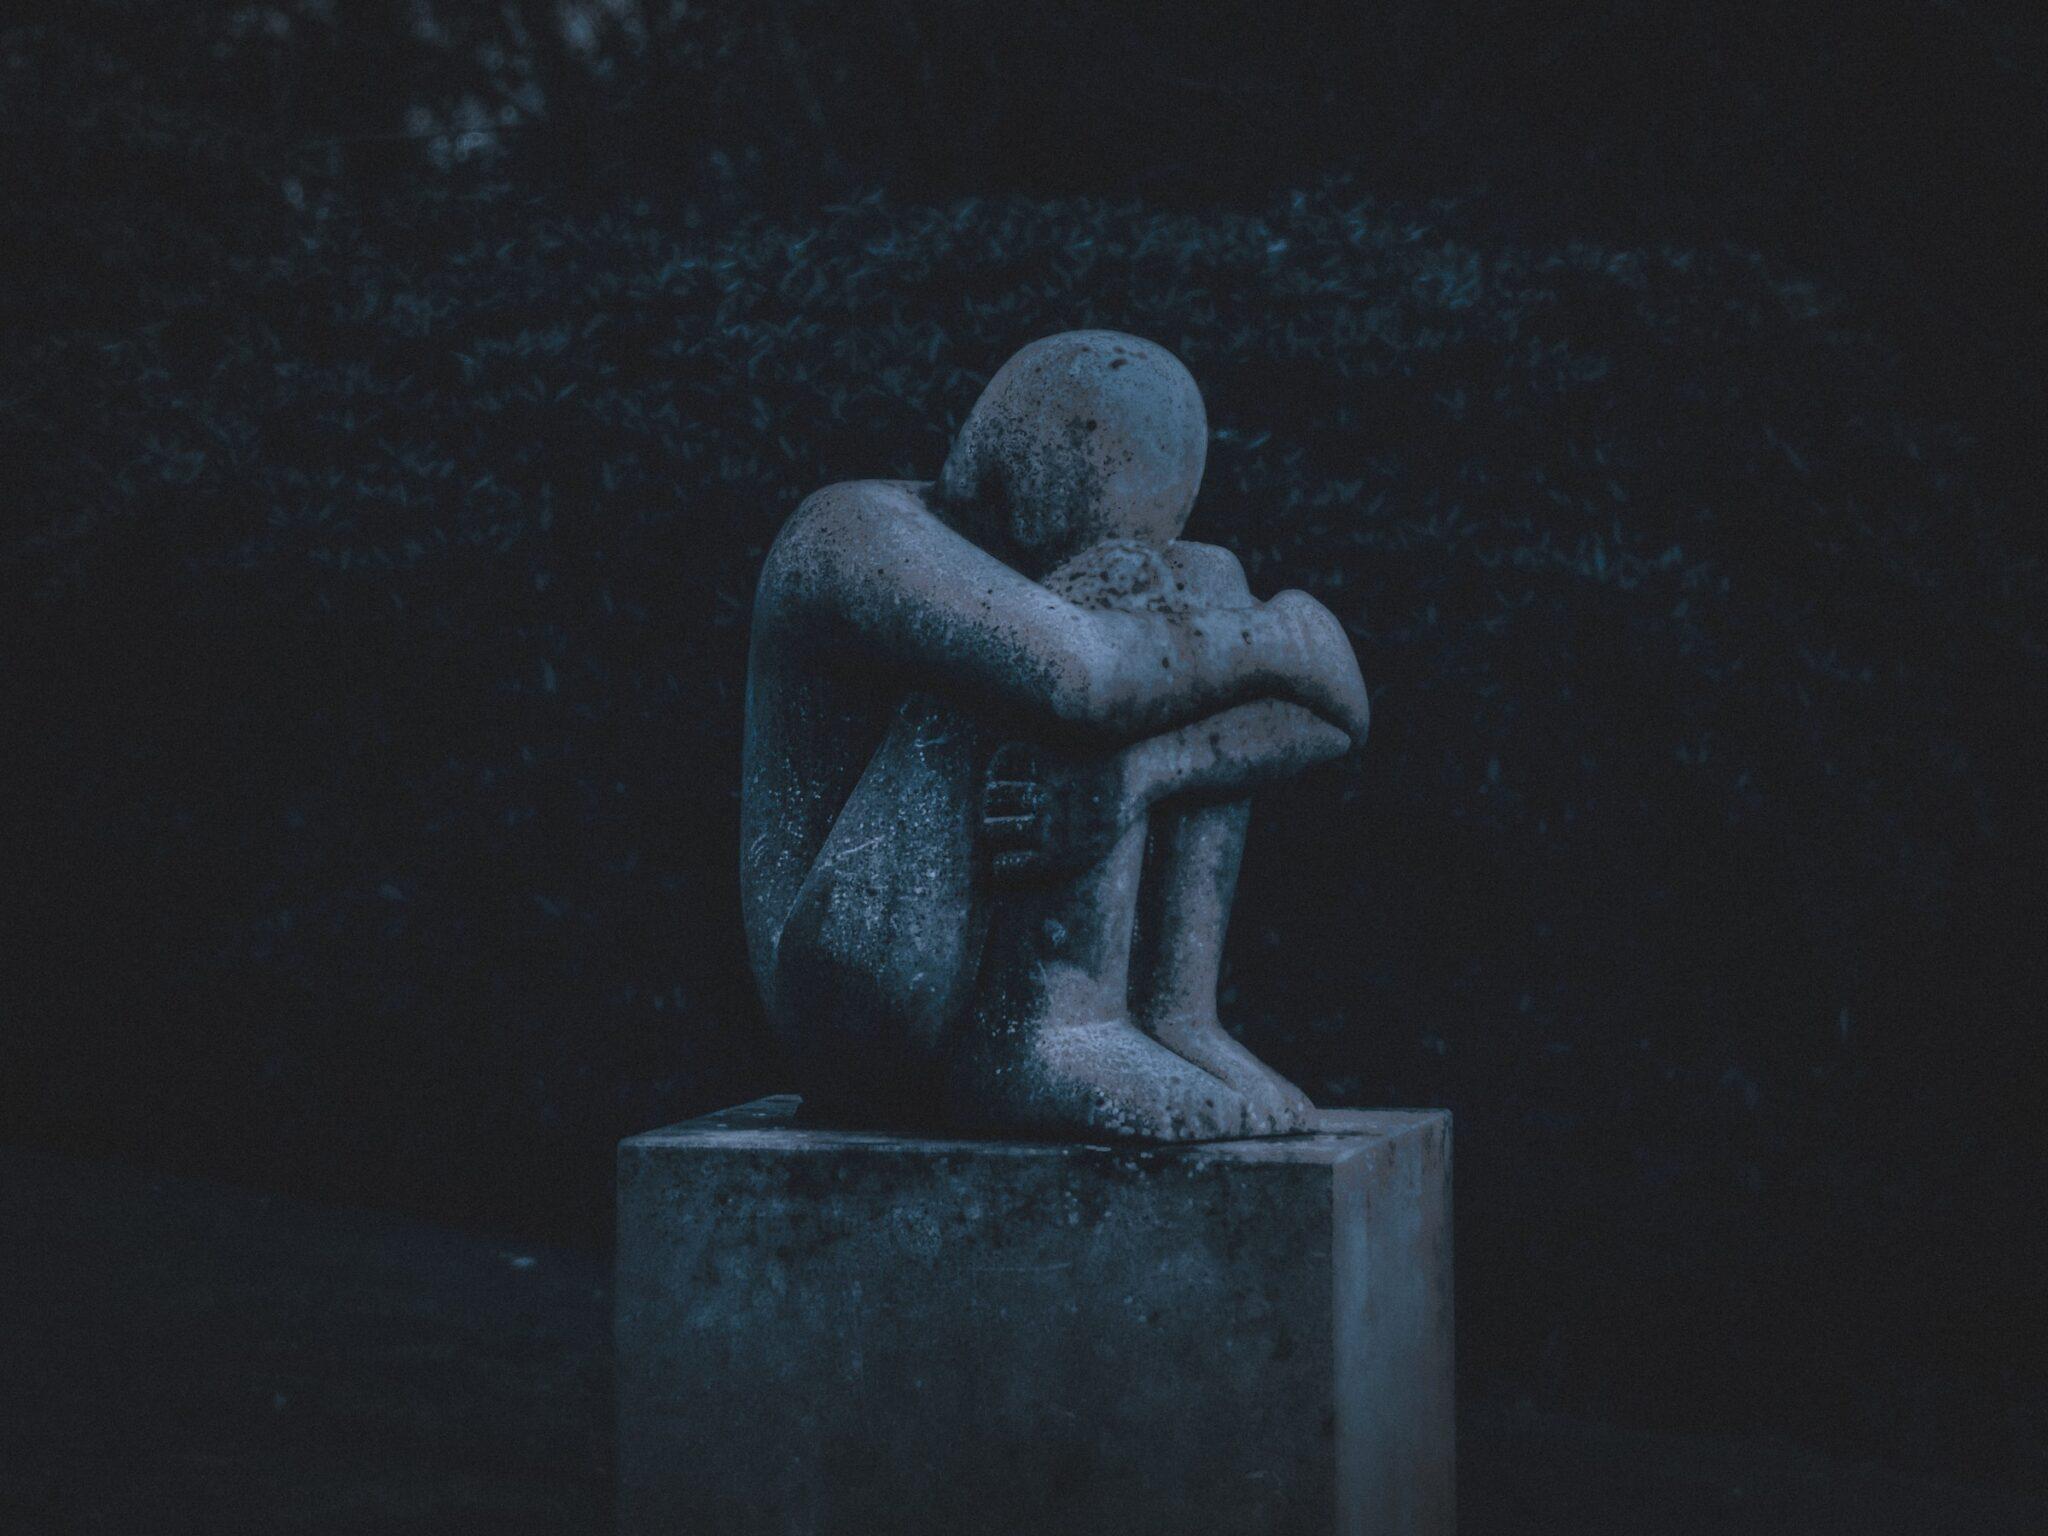 Eine zusammengekauert sitzende Statue.